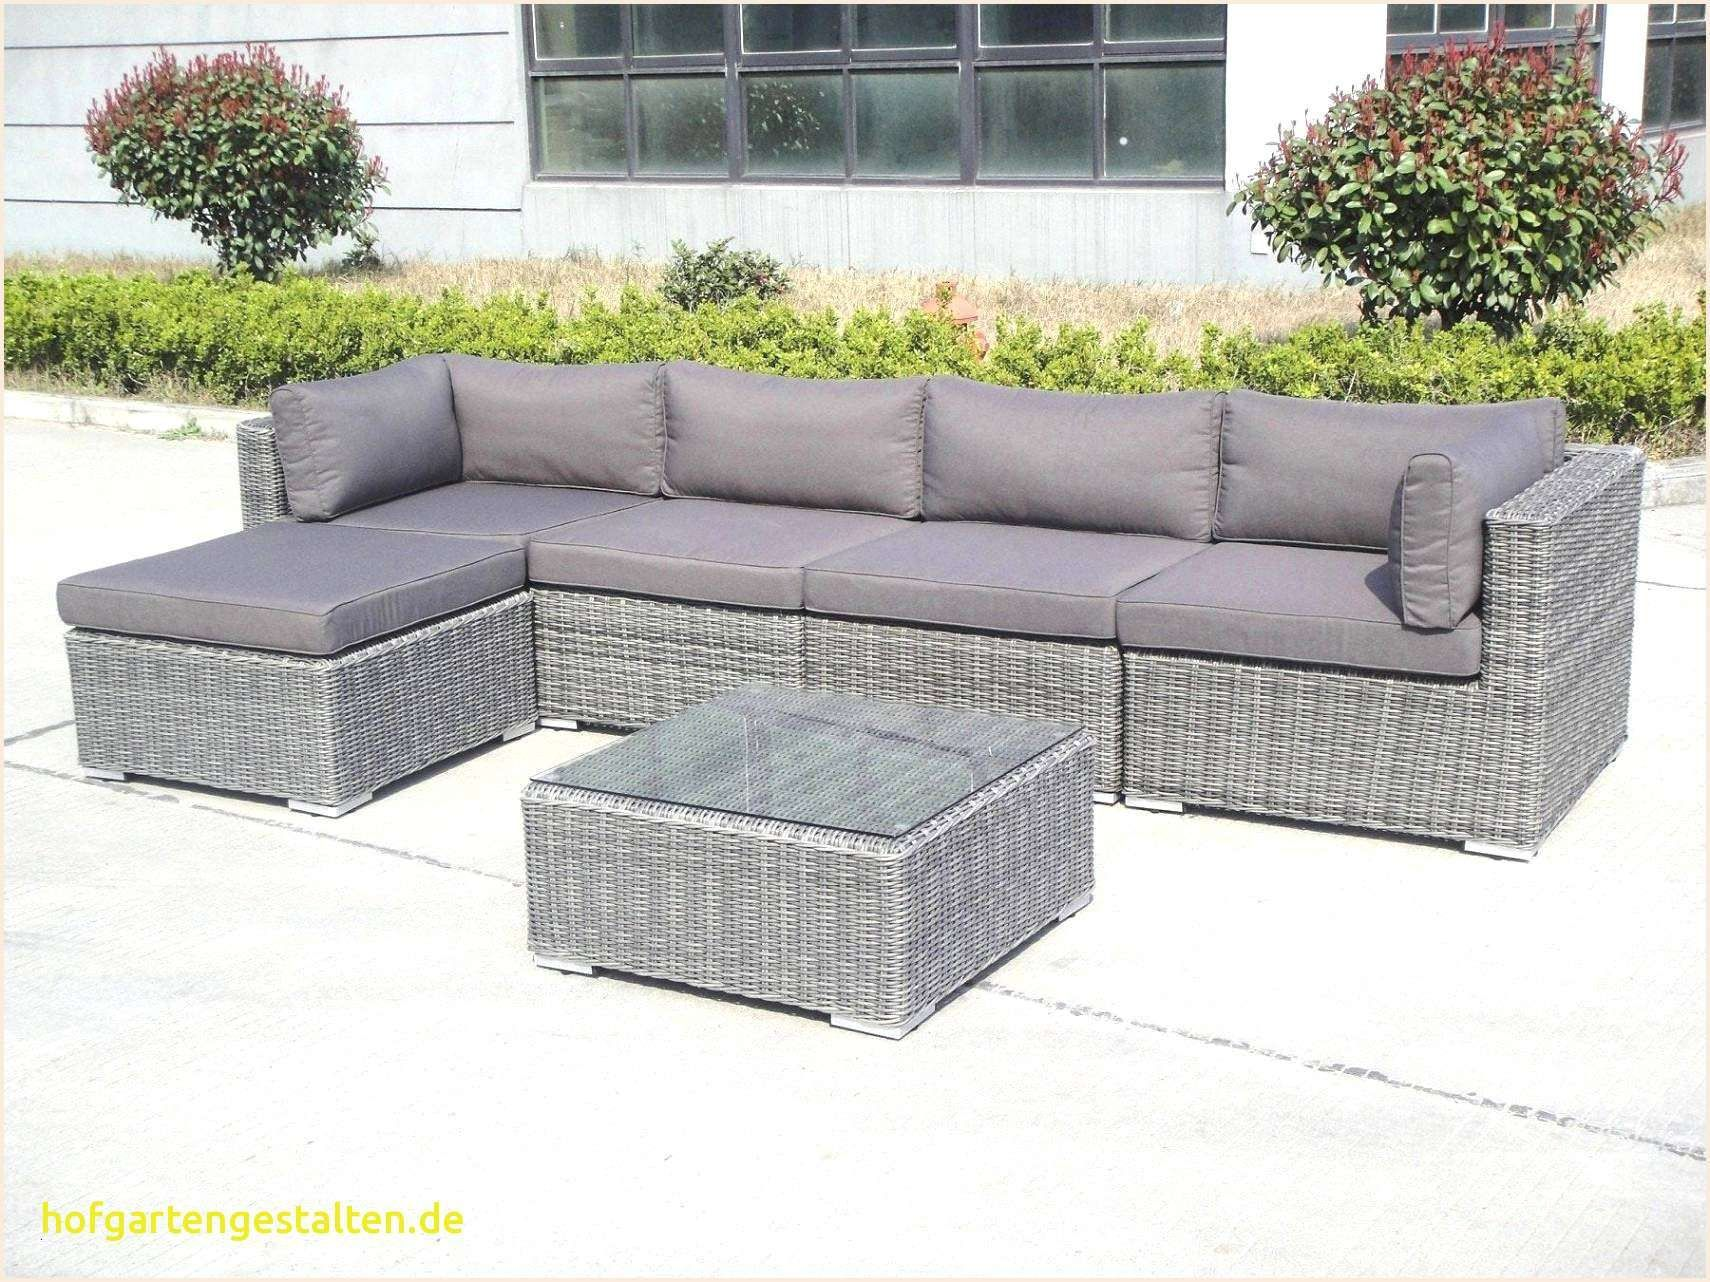 Mobel Gunstiger 24 25 Frisch Mobel Garten In 2020 Garden Furniture Sets Black Friday Furniture Garden Furniture